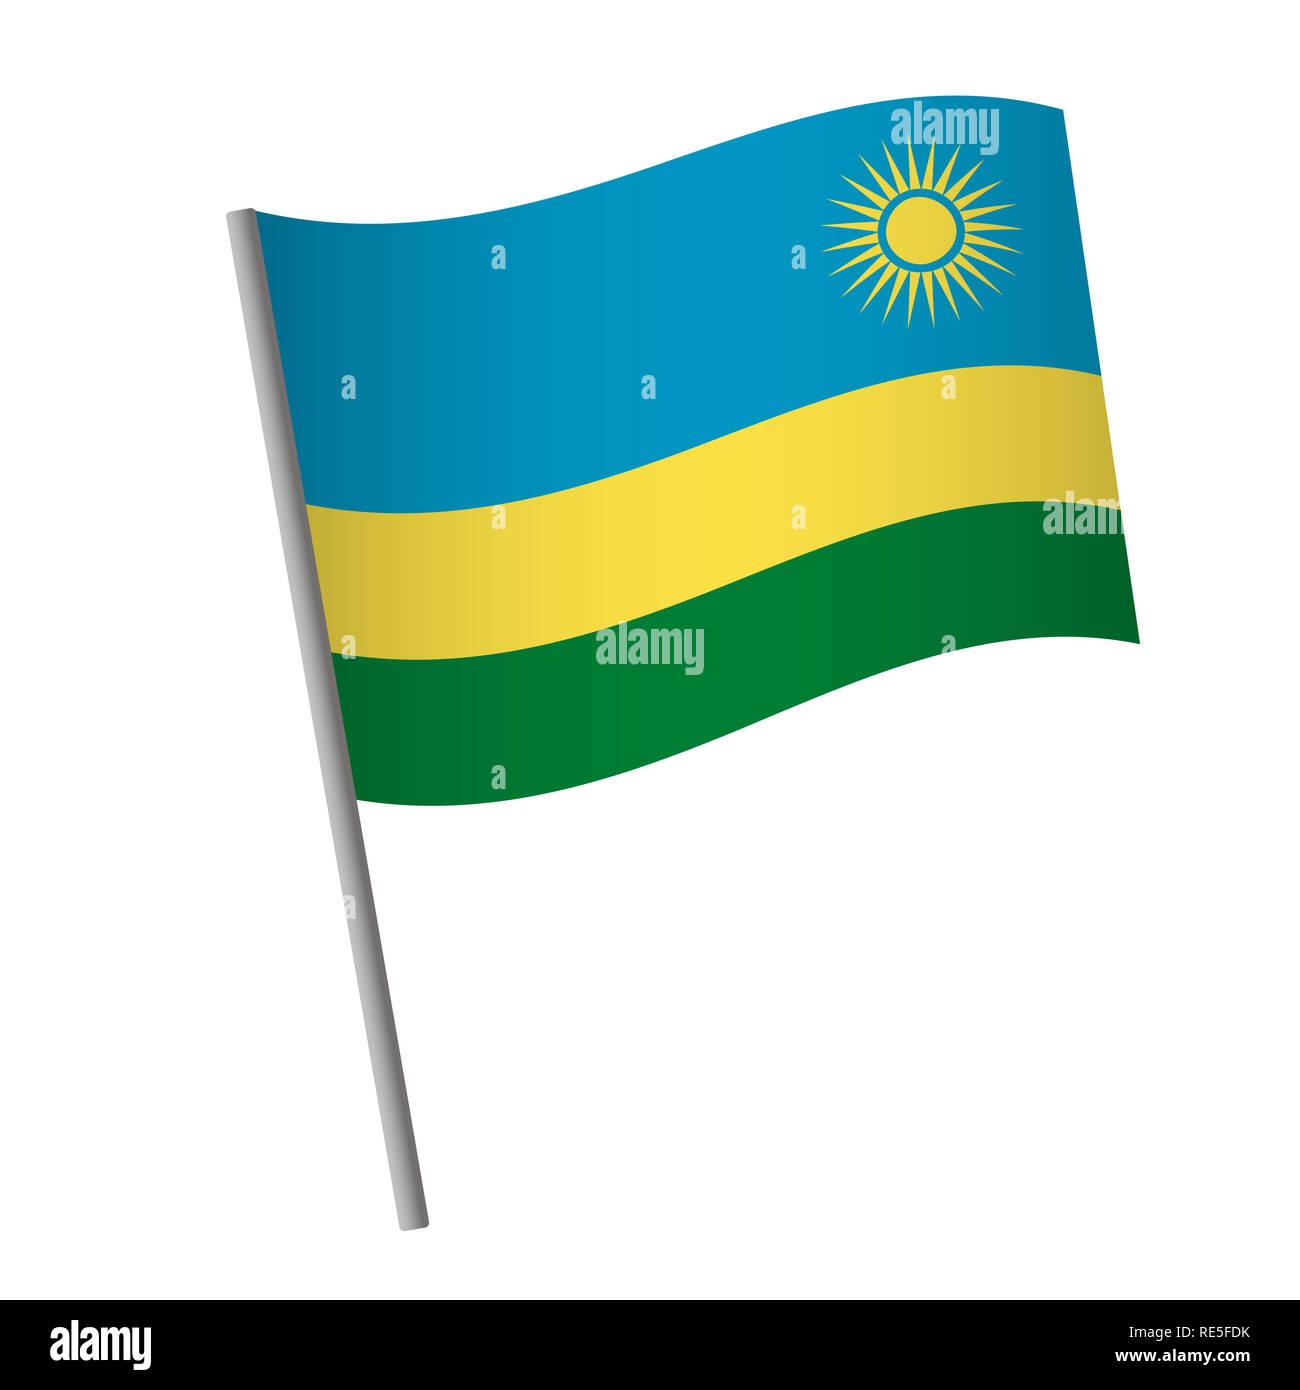 Rwanda flag icon. National flag of Rwanda on a pole  illustration. - Stock Image